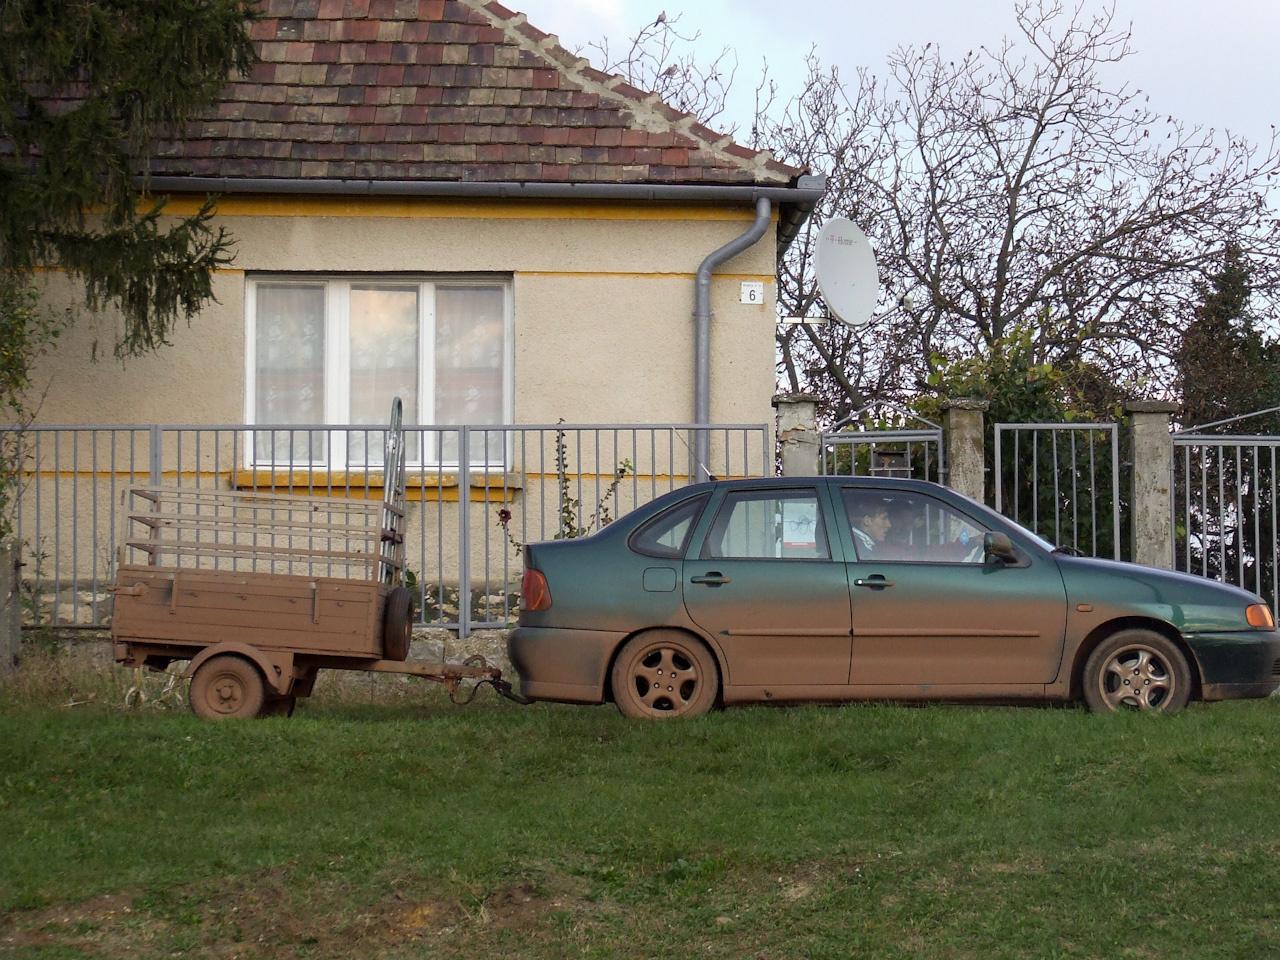 Nem minden autóval álltak be, pedig nem lett volna hülyeség még ott, a helyszínenl emosatni a sár nagyrészét